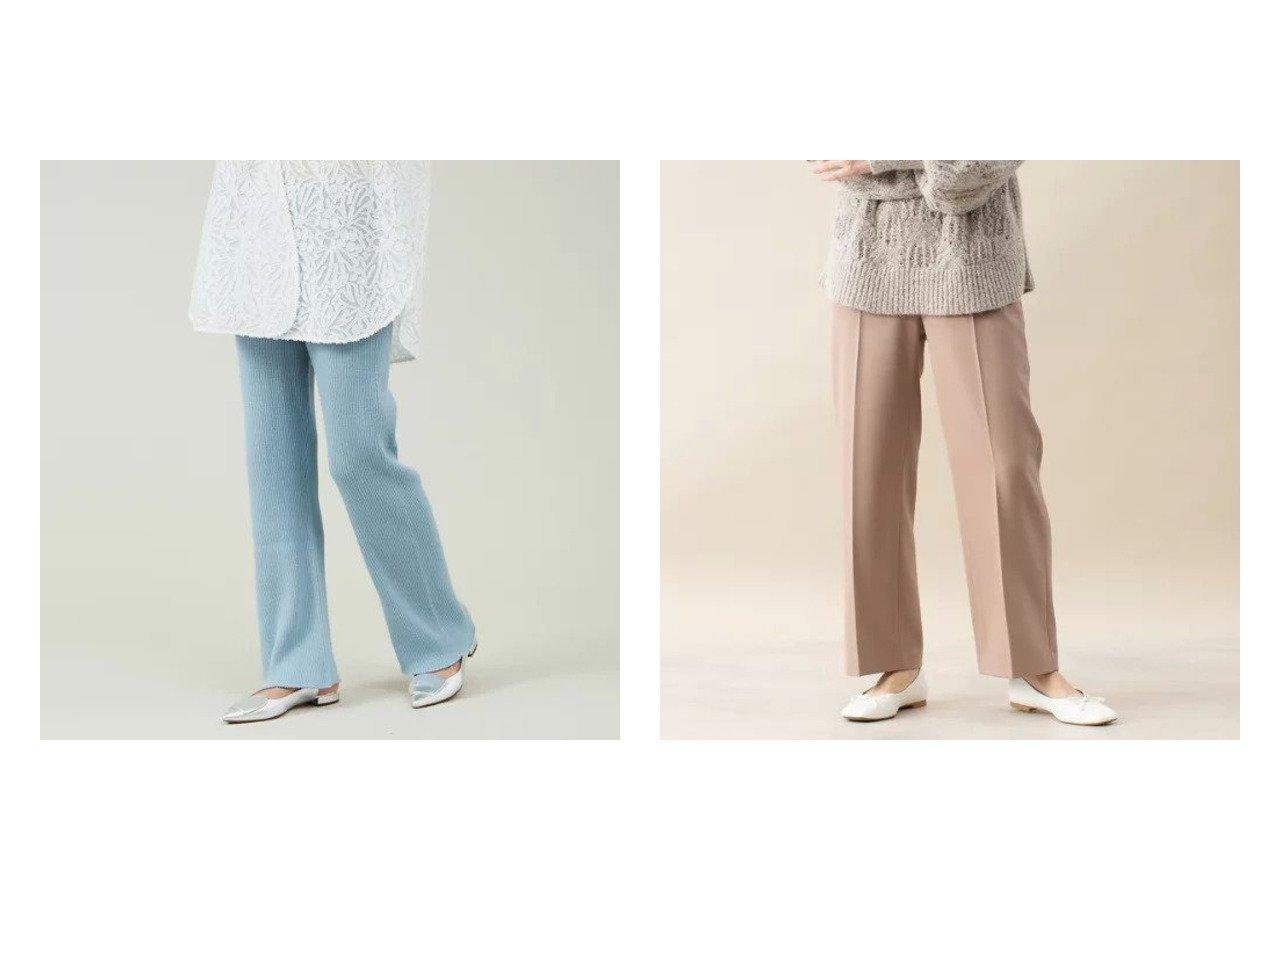 【qualite/カリテ】のブライトサージストレートパンツ(通常丈)&シームレスリブニットパンツ パンツのおすすめ!人気、トレンド・レディースファッションの通販 おすすめで人気の流行・トレンド、ファッションの通販商品 メンズファッション・キッズファッション・インテリア・家具・レディースファッション・服の通販 founy(ファニー) https://founy.com/ ファッション Fashion レディースファッション WOMEN パンツ Pants スウェット ホールガーメント 定番 Standard A/W 秋冬 AW Autumn/Winter / FW Fall-Winter |ID:crp329100000011688